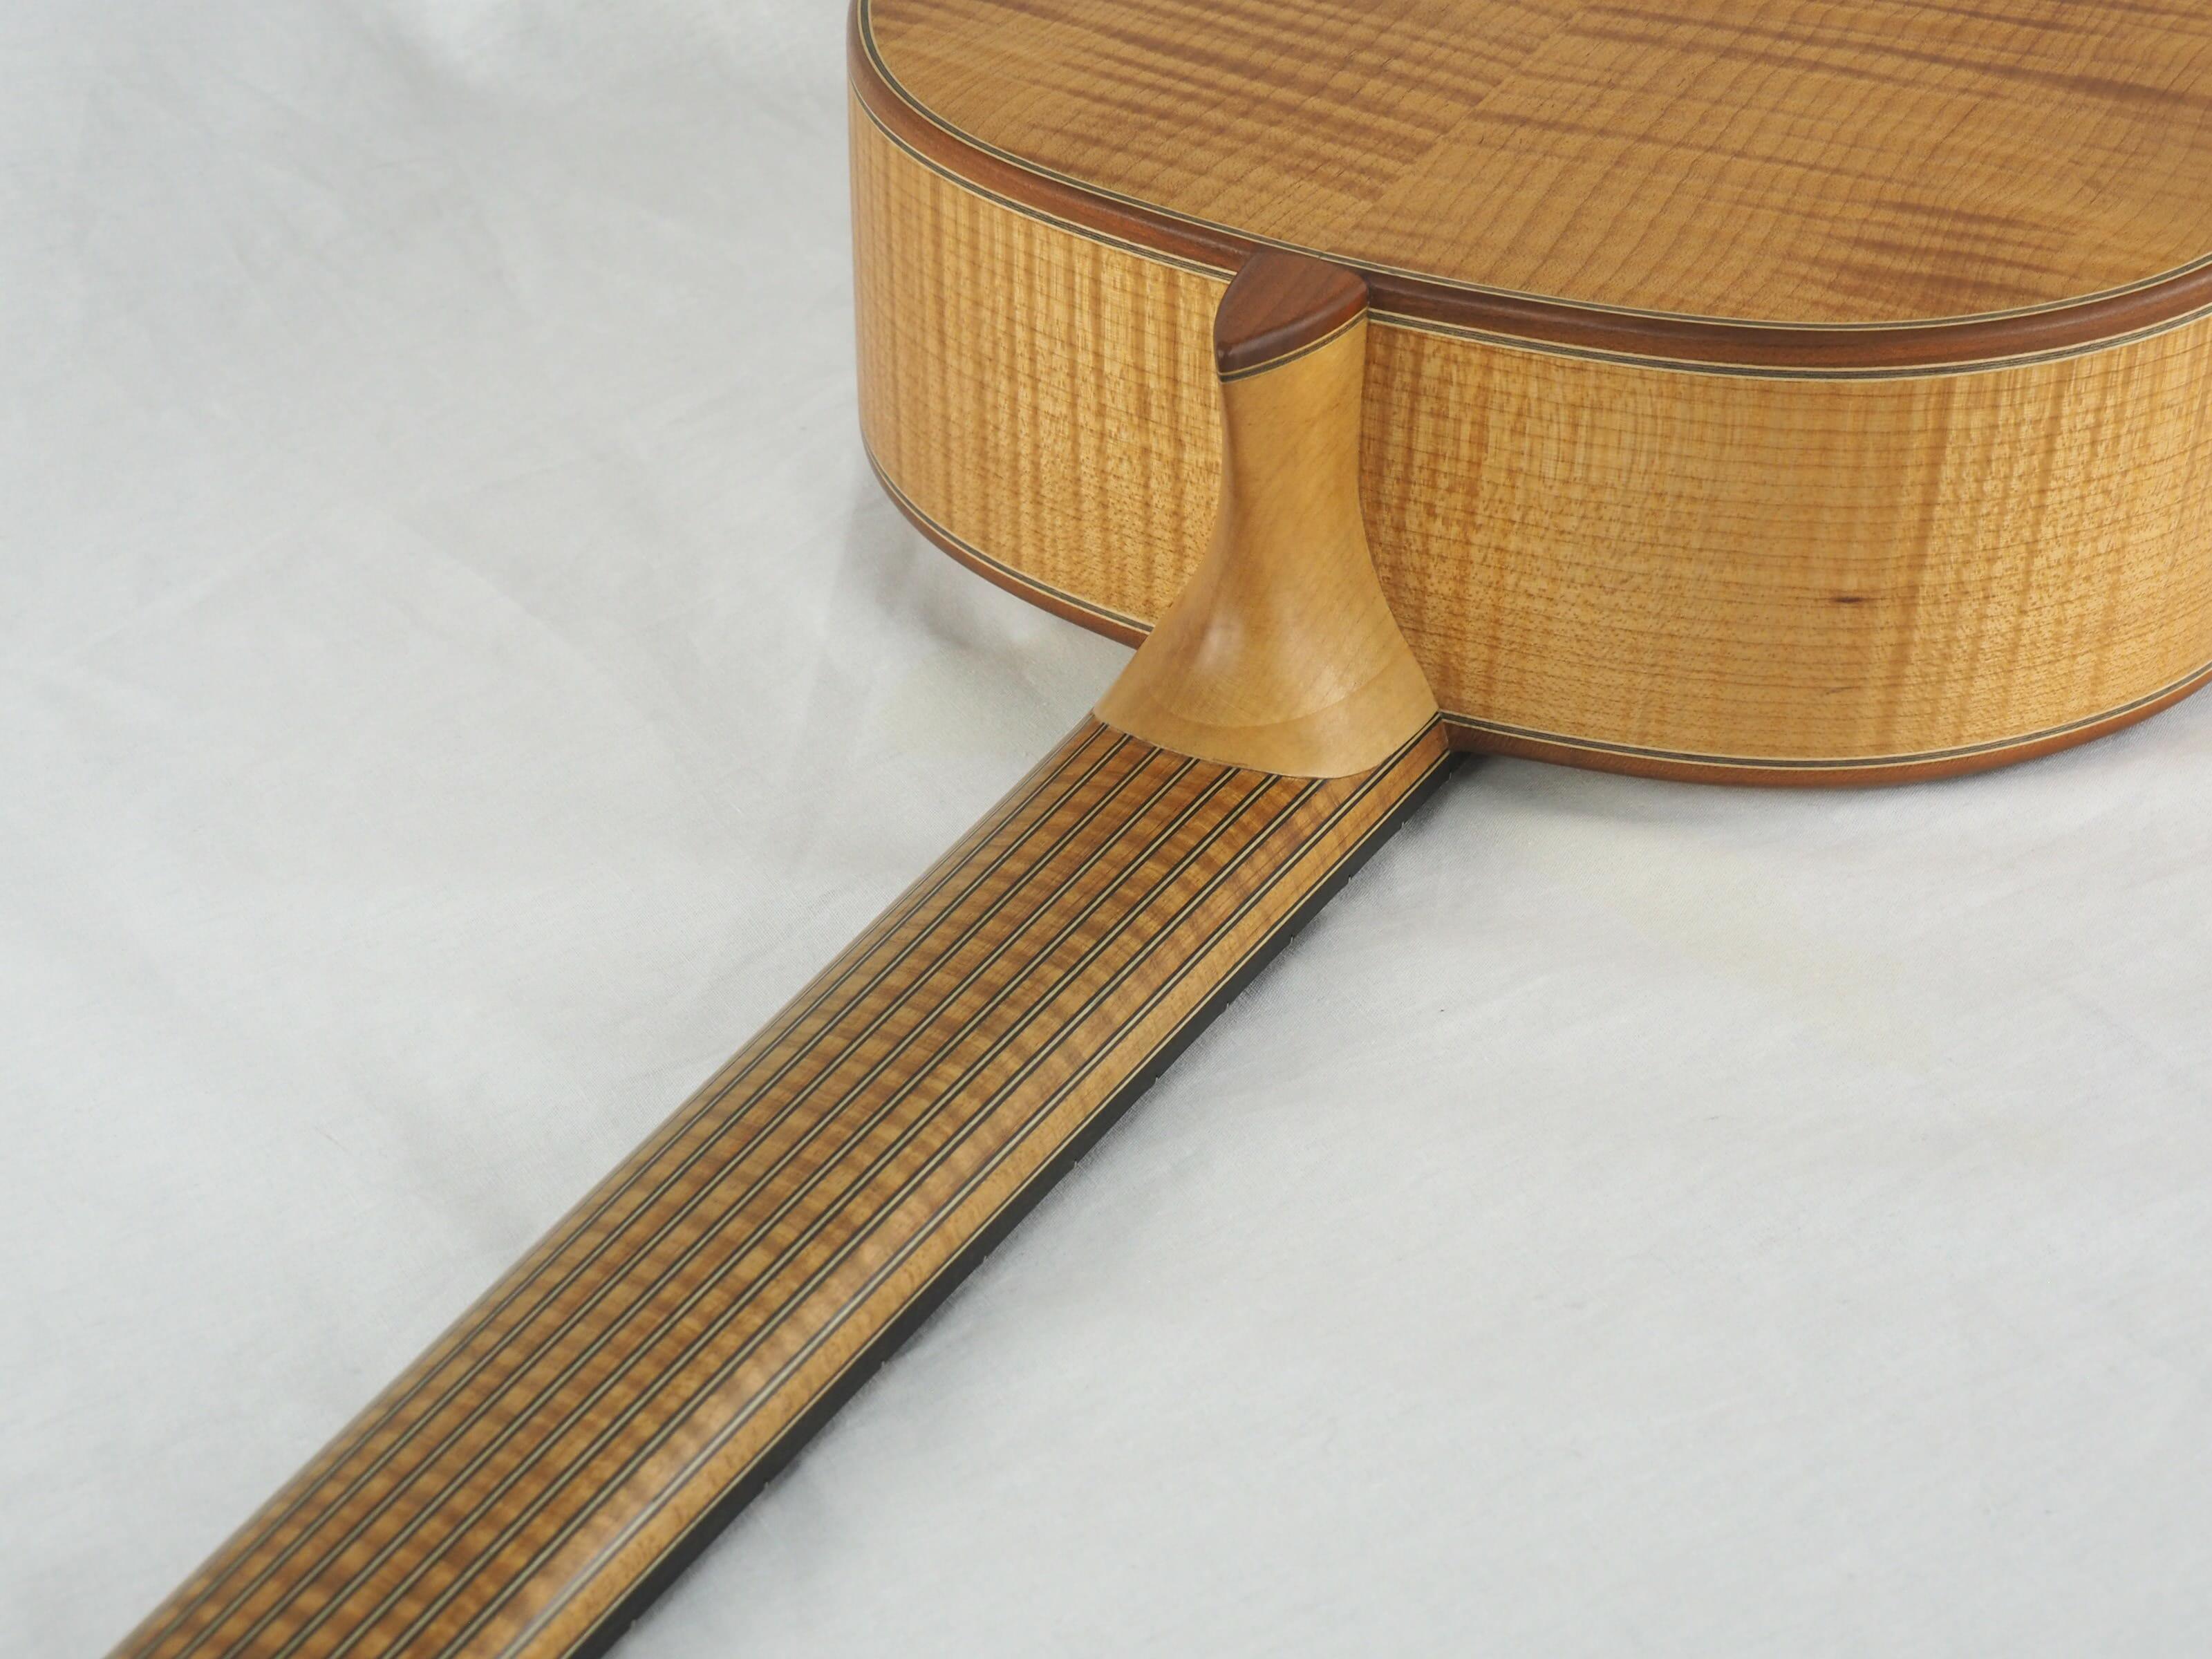 Dieter Hopf Luthier guitare classique Auditorium No 19HP070-11